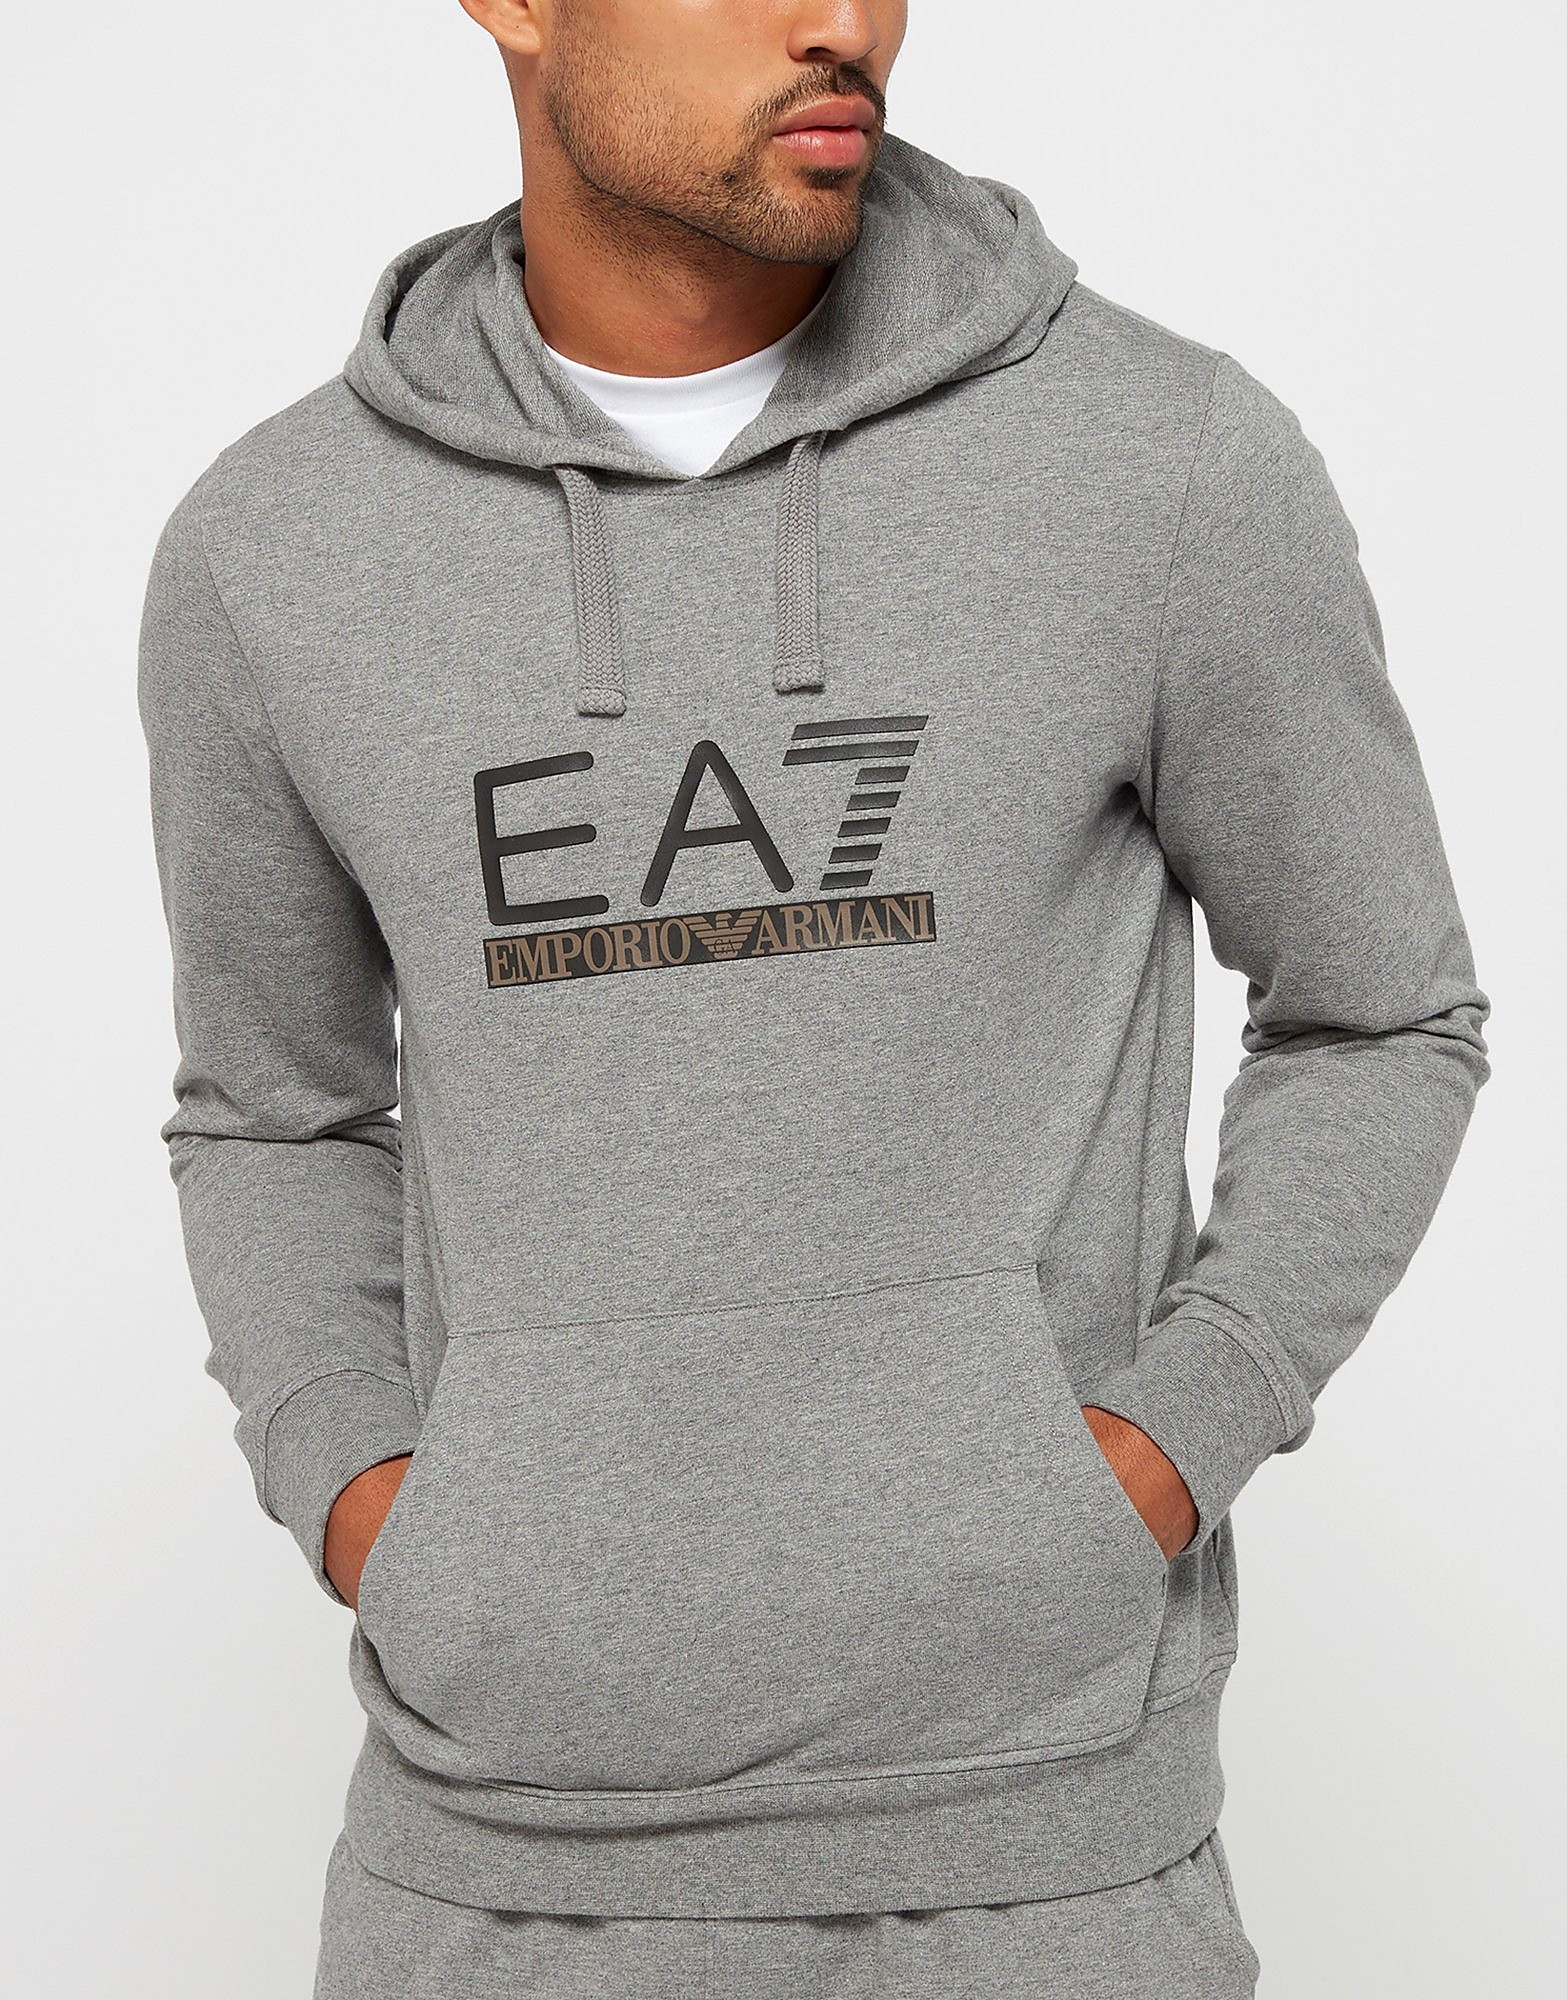 Emporio Armani EA7 Over head Logo Hoody - Exclusive